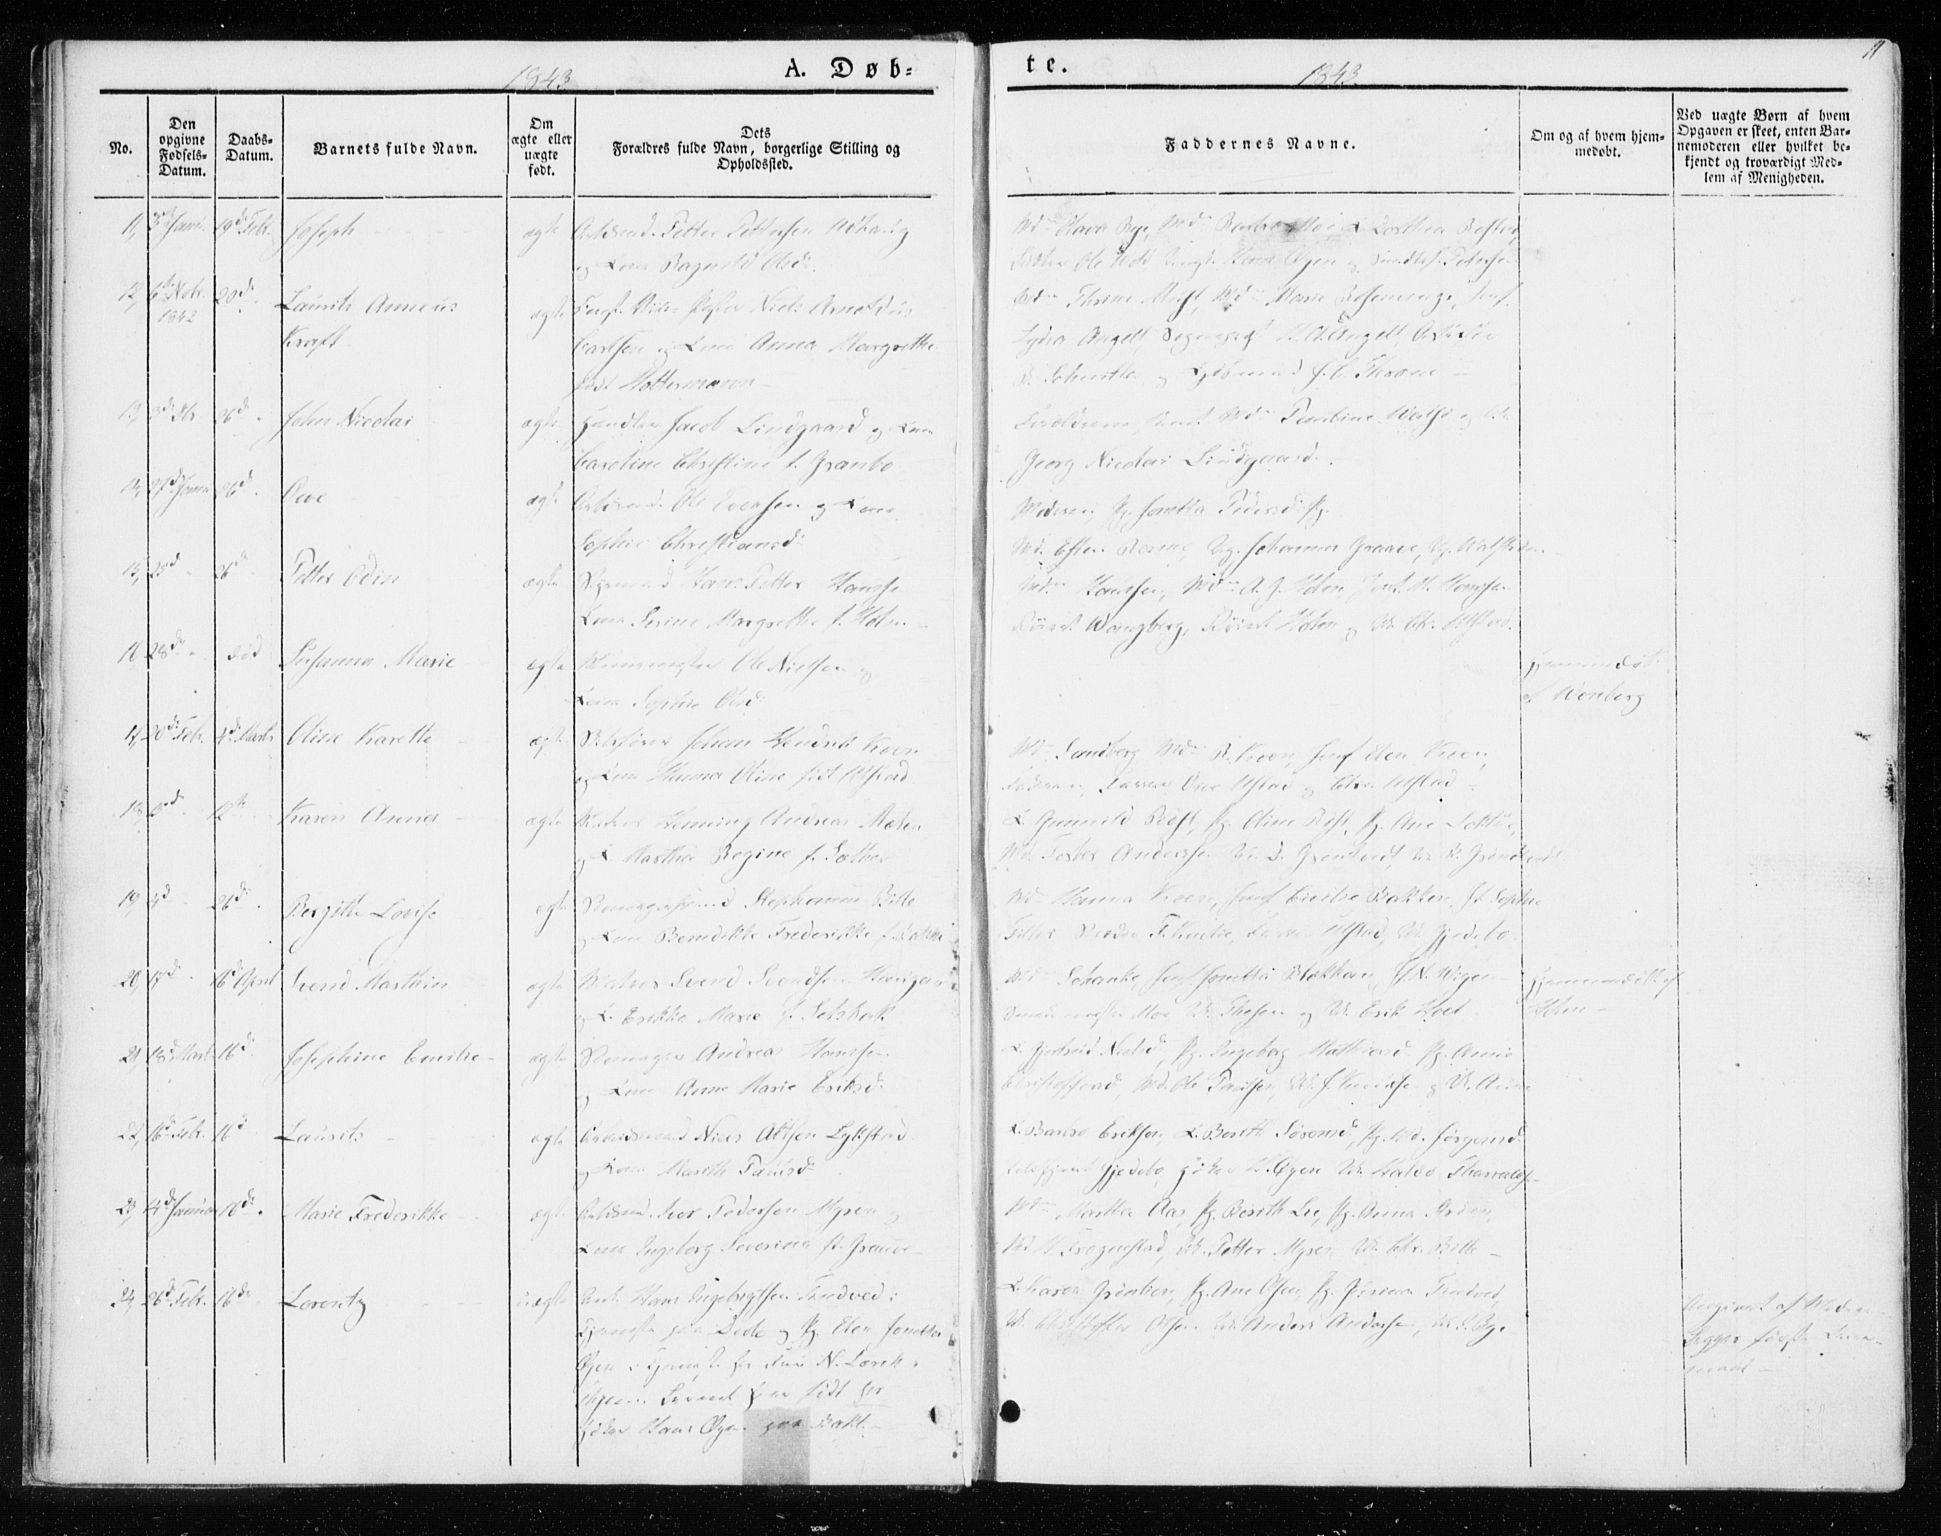 SAT, Ministerialprotokoller, klokkerbøker og fødselsregistre - Sør-Trøndelag, 604/L0183: Ministerialbok nr. 604A04, 1841-1850, s. 11